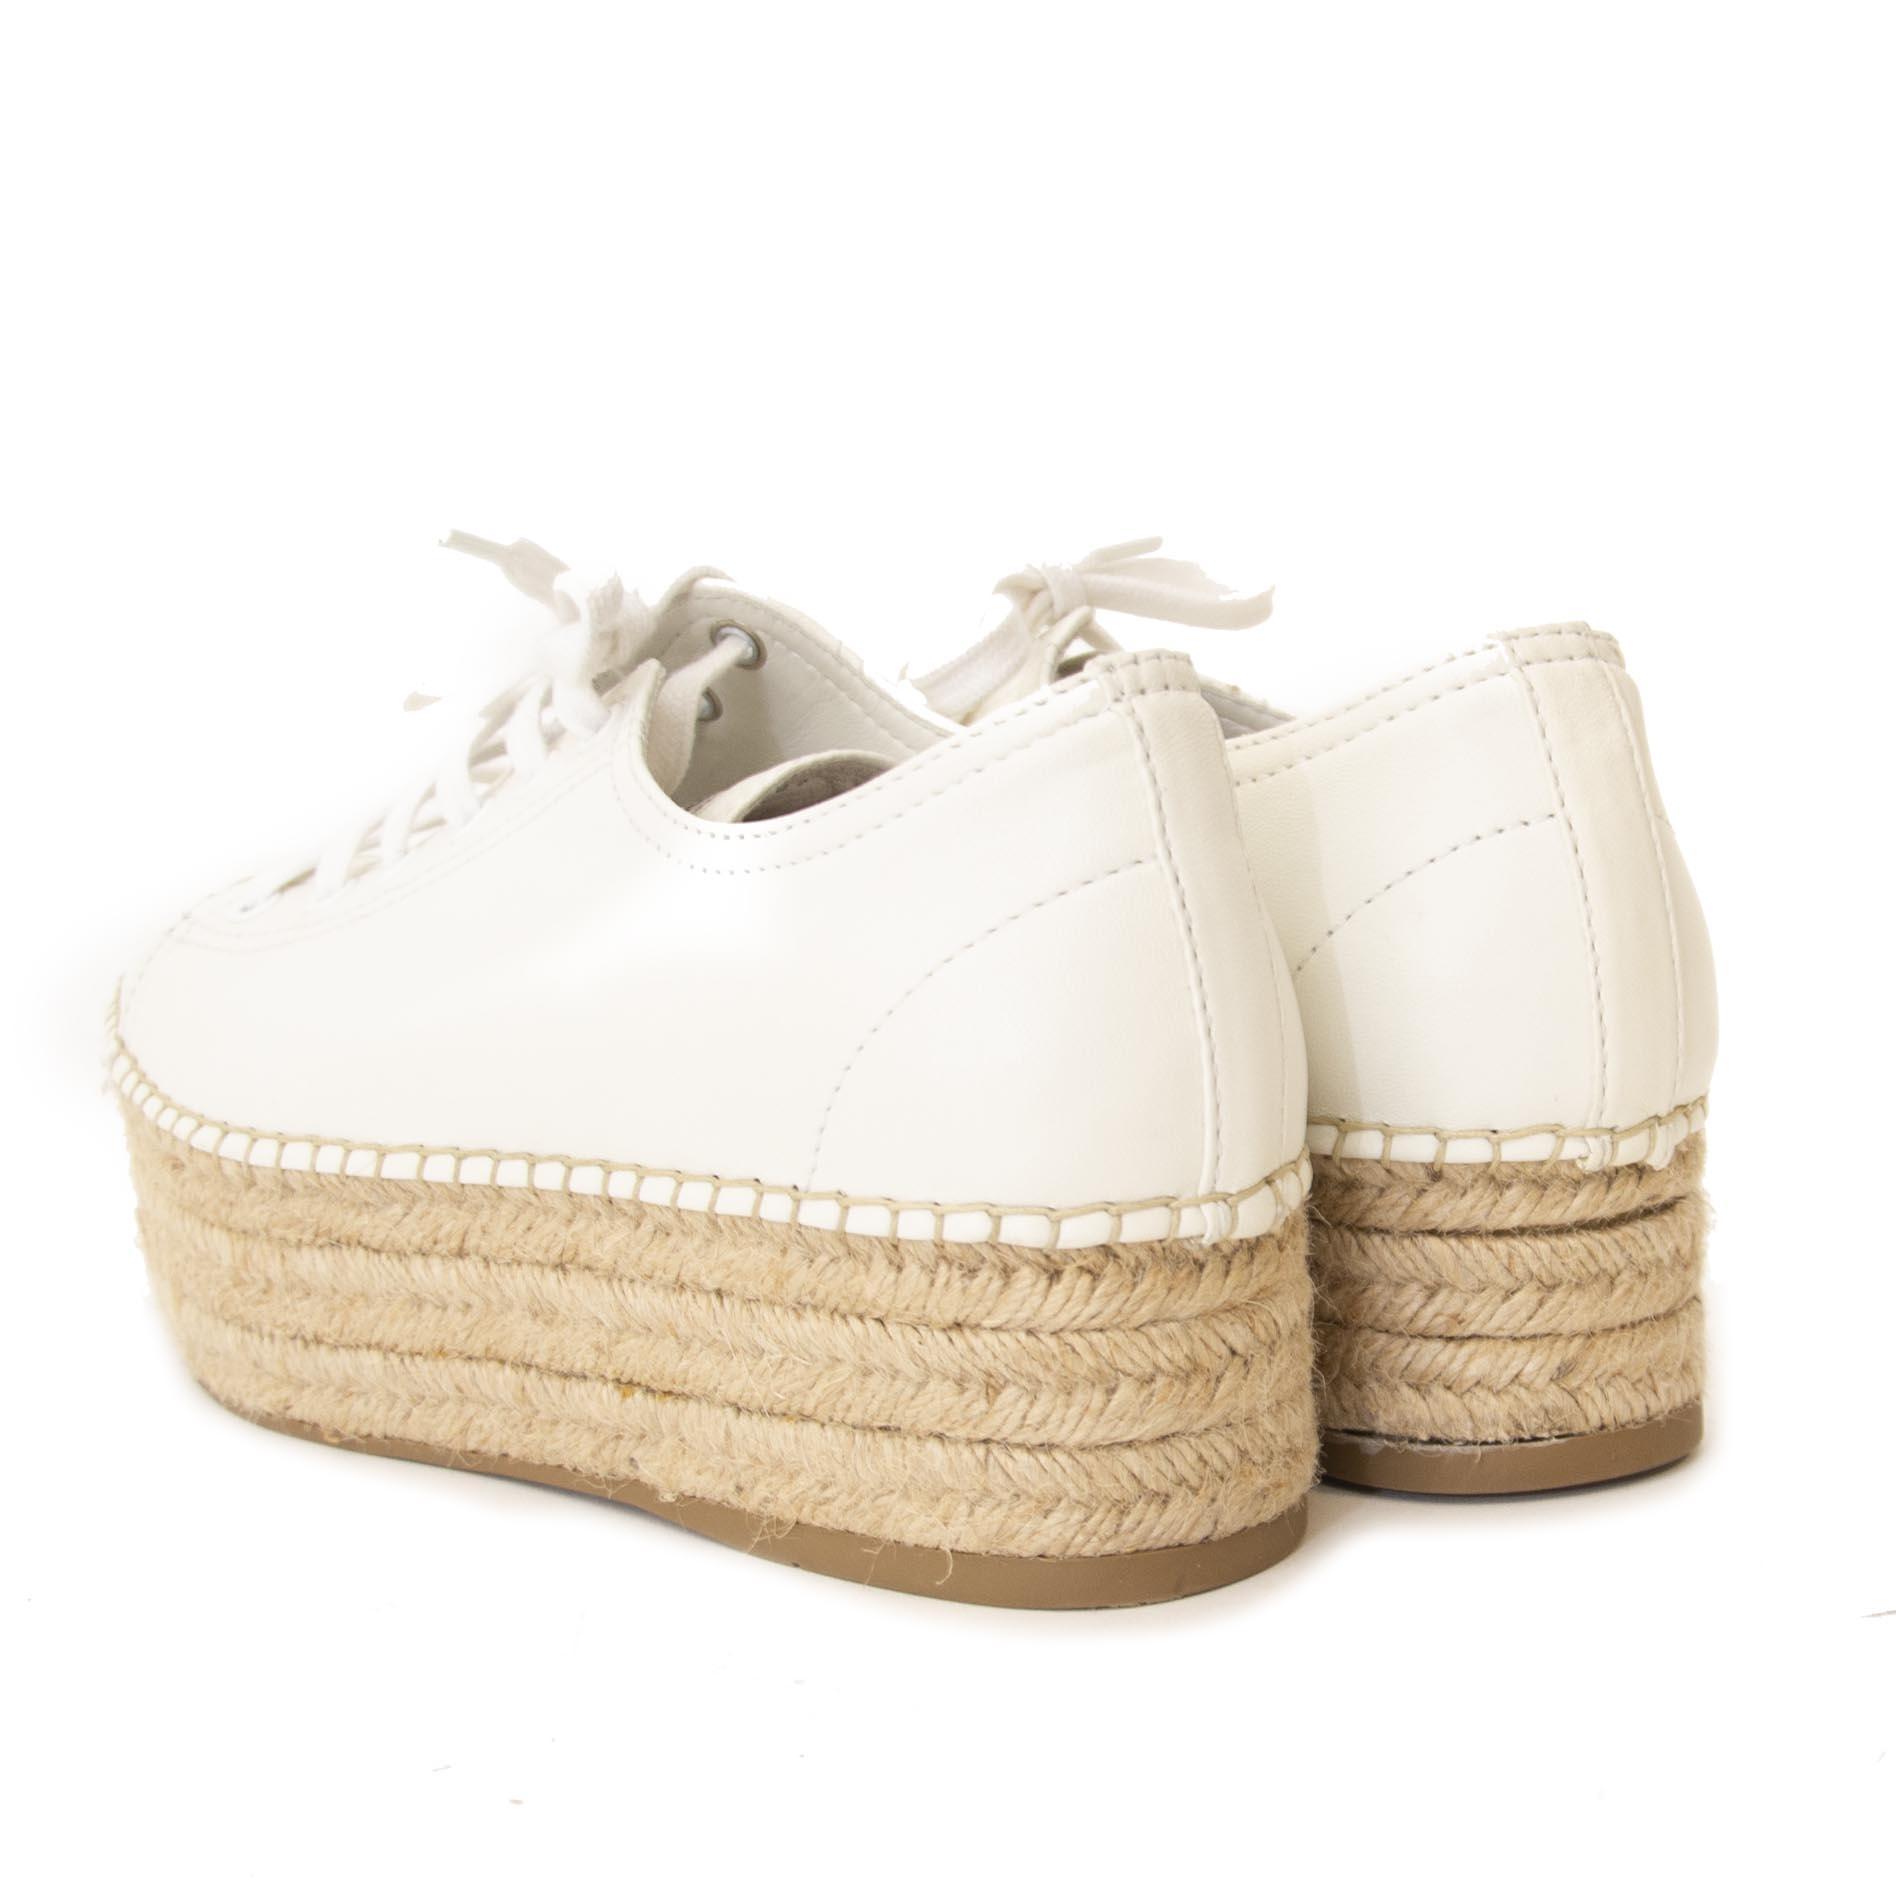 Miu Miu Flatform Espadrille Shoes kopen en verkopen aan de beste prijs bij Labellov